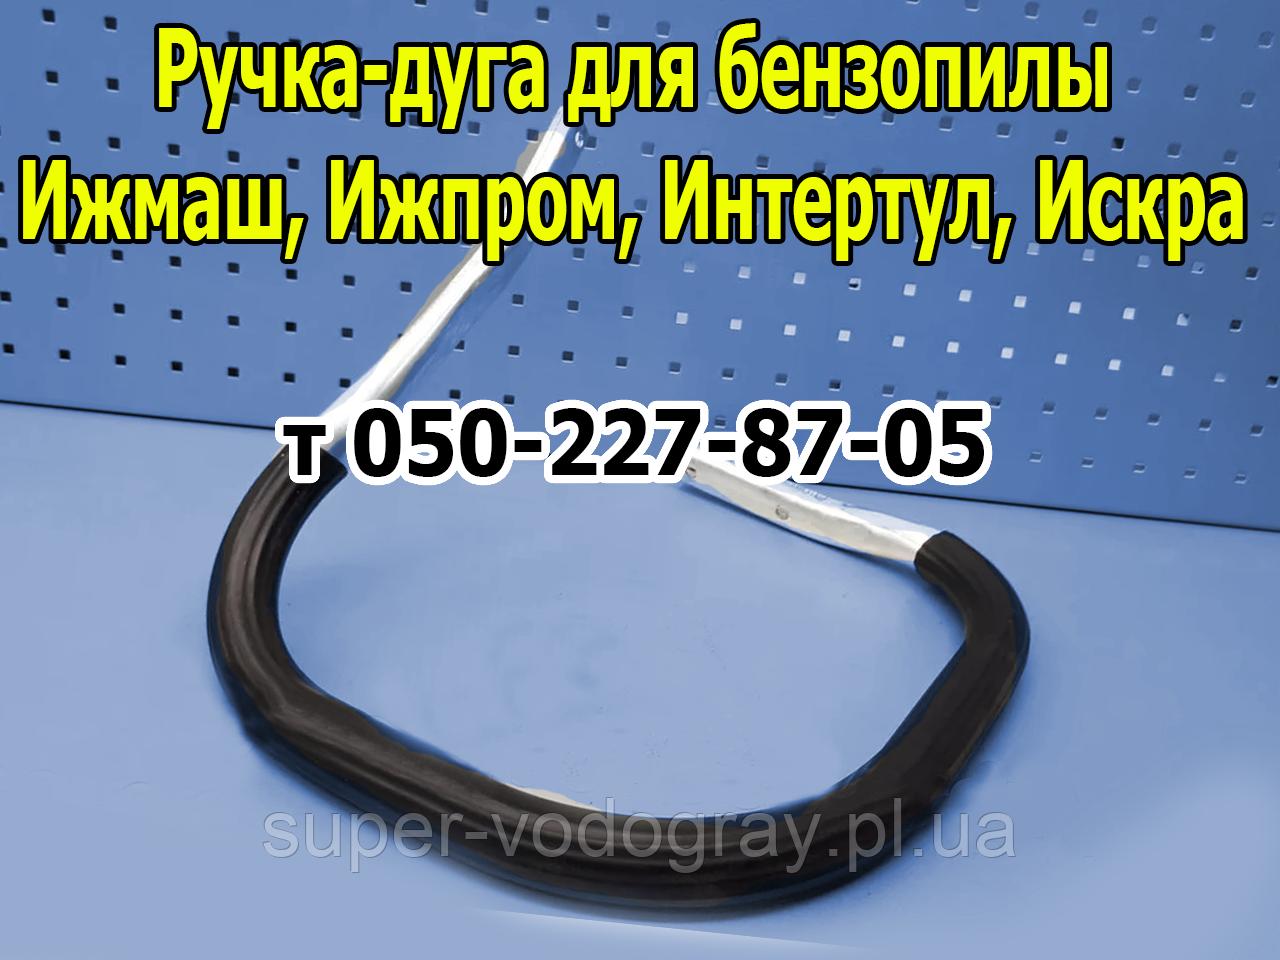 Ручка-дуга для бензопилы Ижмаш, Ижпром, Интертул, Искра